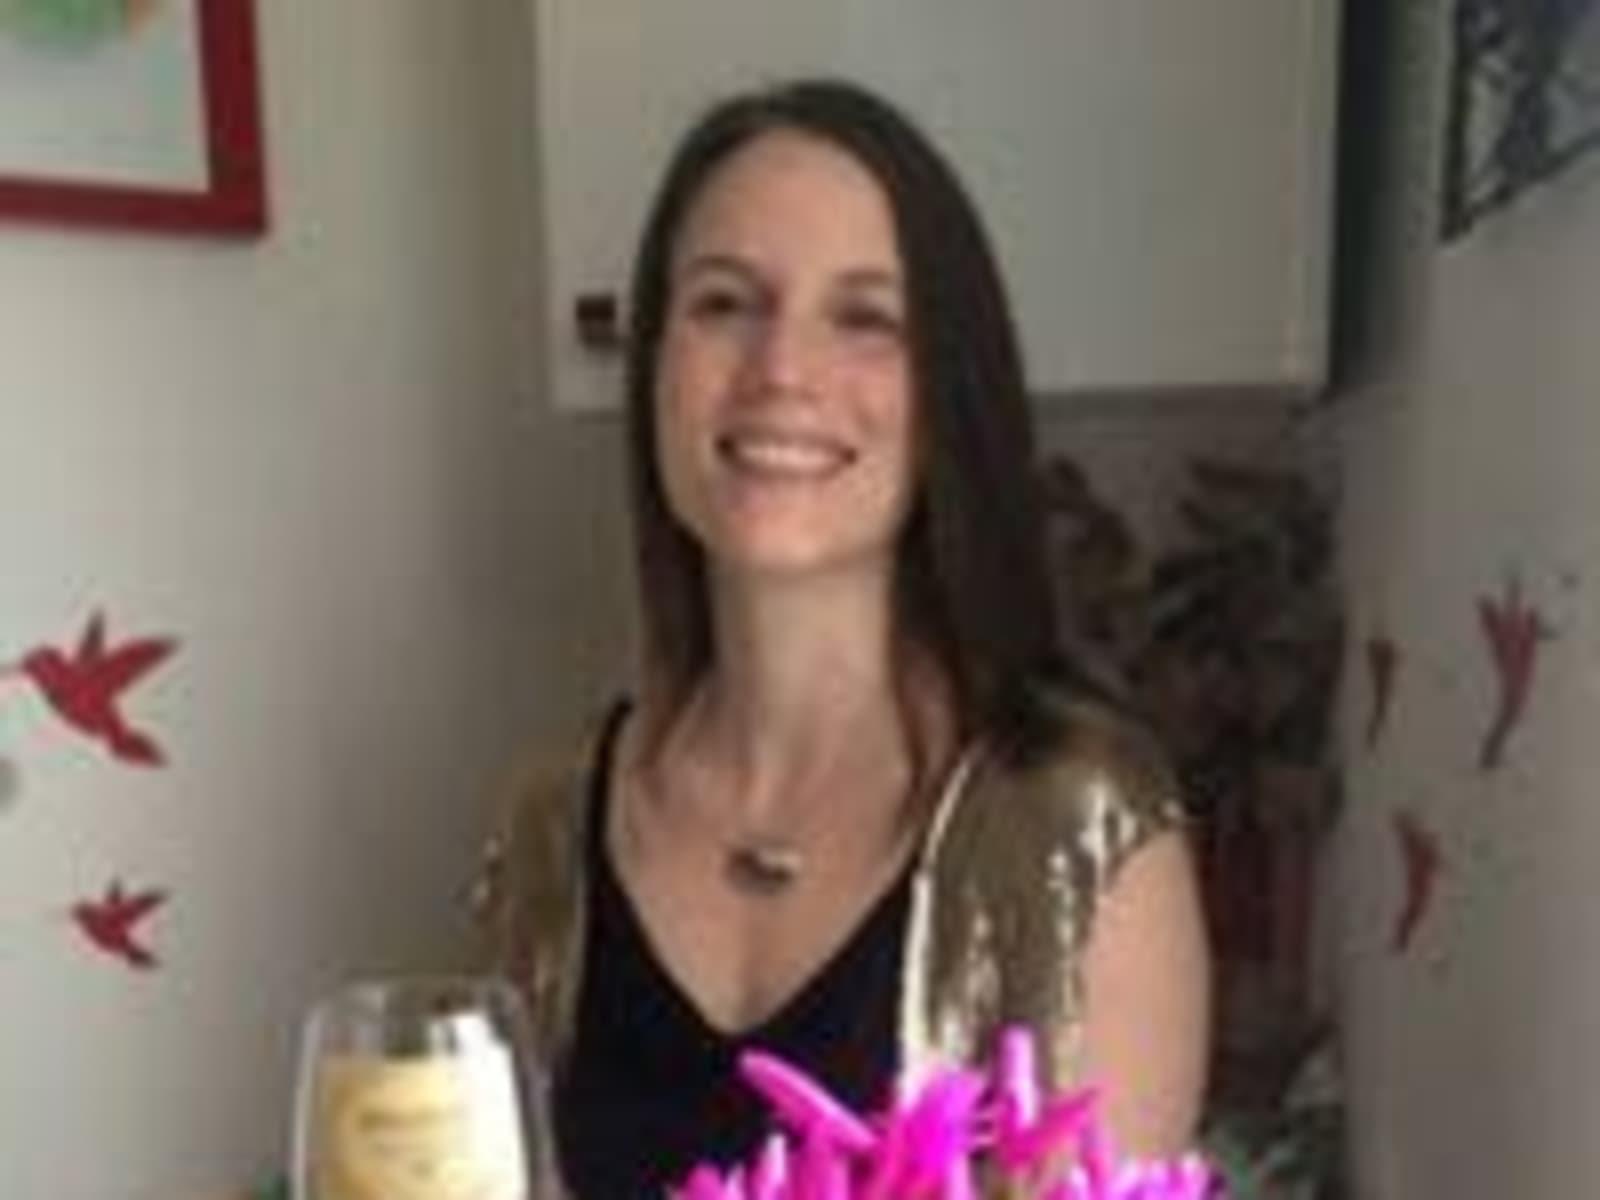 Kathryn from Portland, Oregon, United States